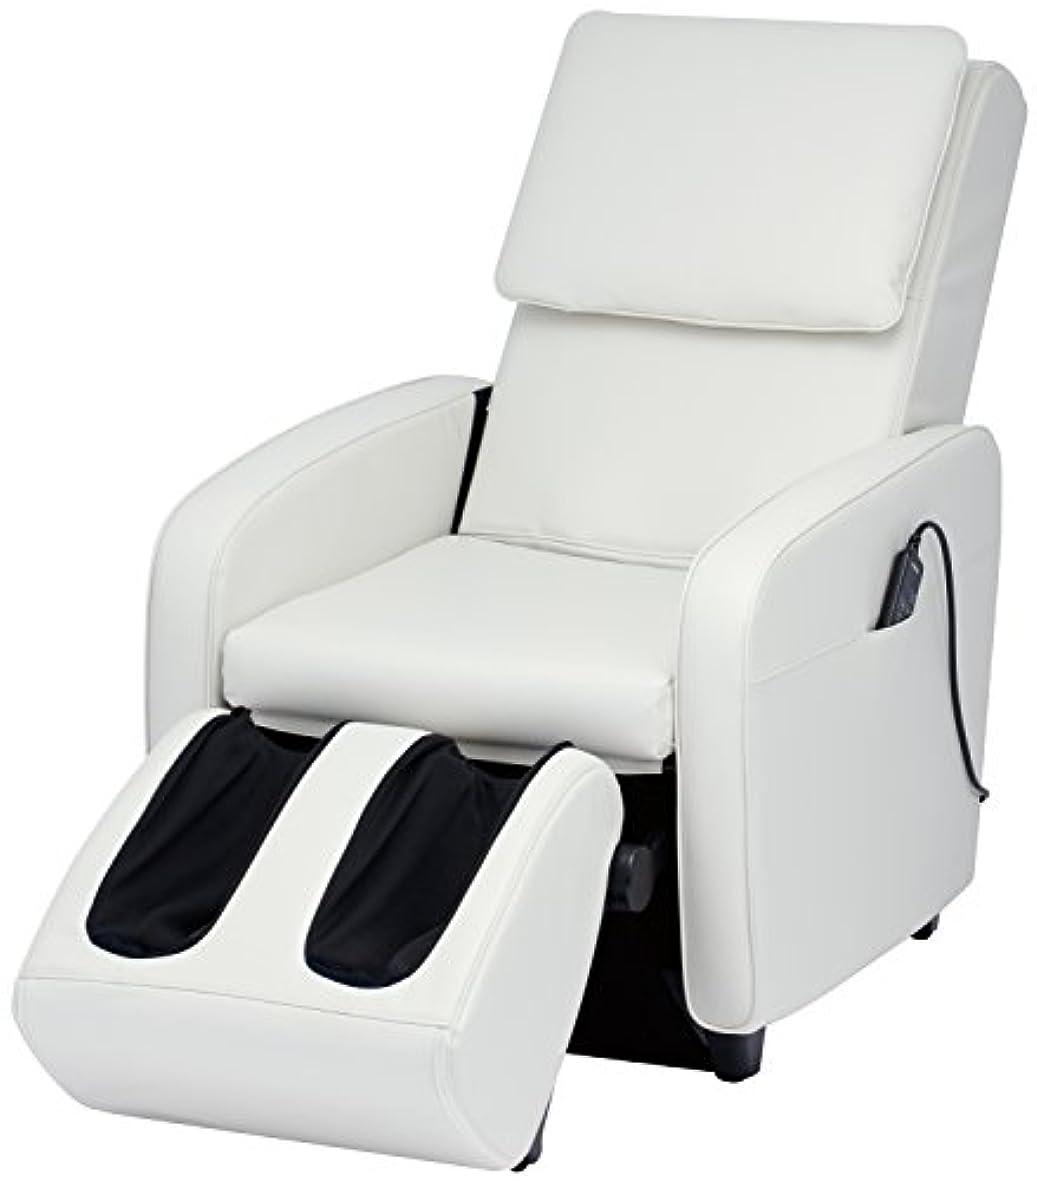 見せます繁殖季節スライヴ マッサージチェア くつろぎ指定席 【SFIT エスフィット】 「つかみもみ機能搭載」 ホワイト CHD-7401(W)